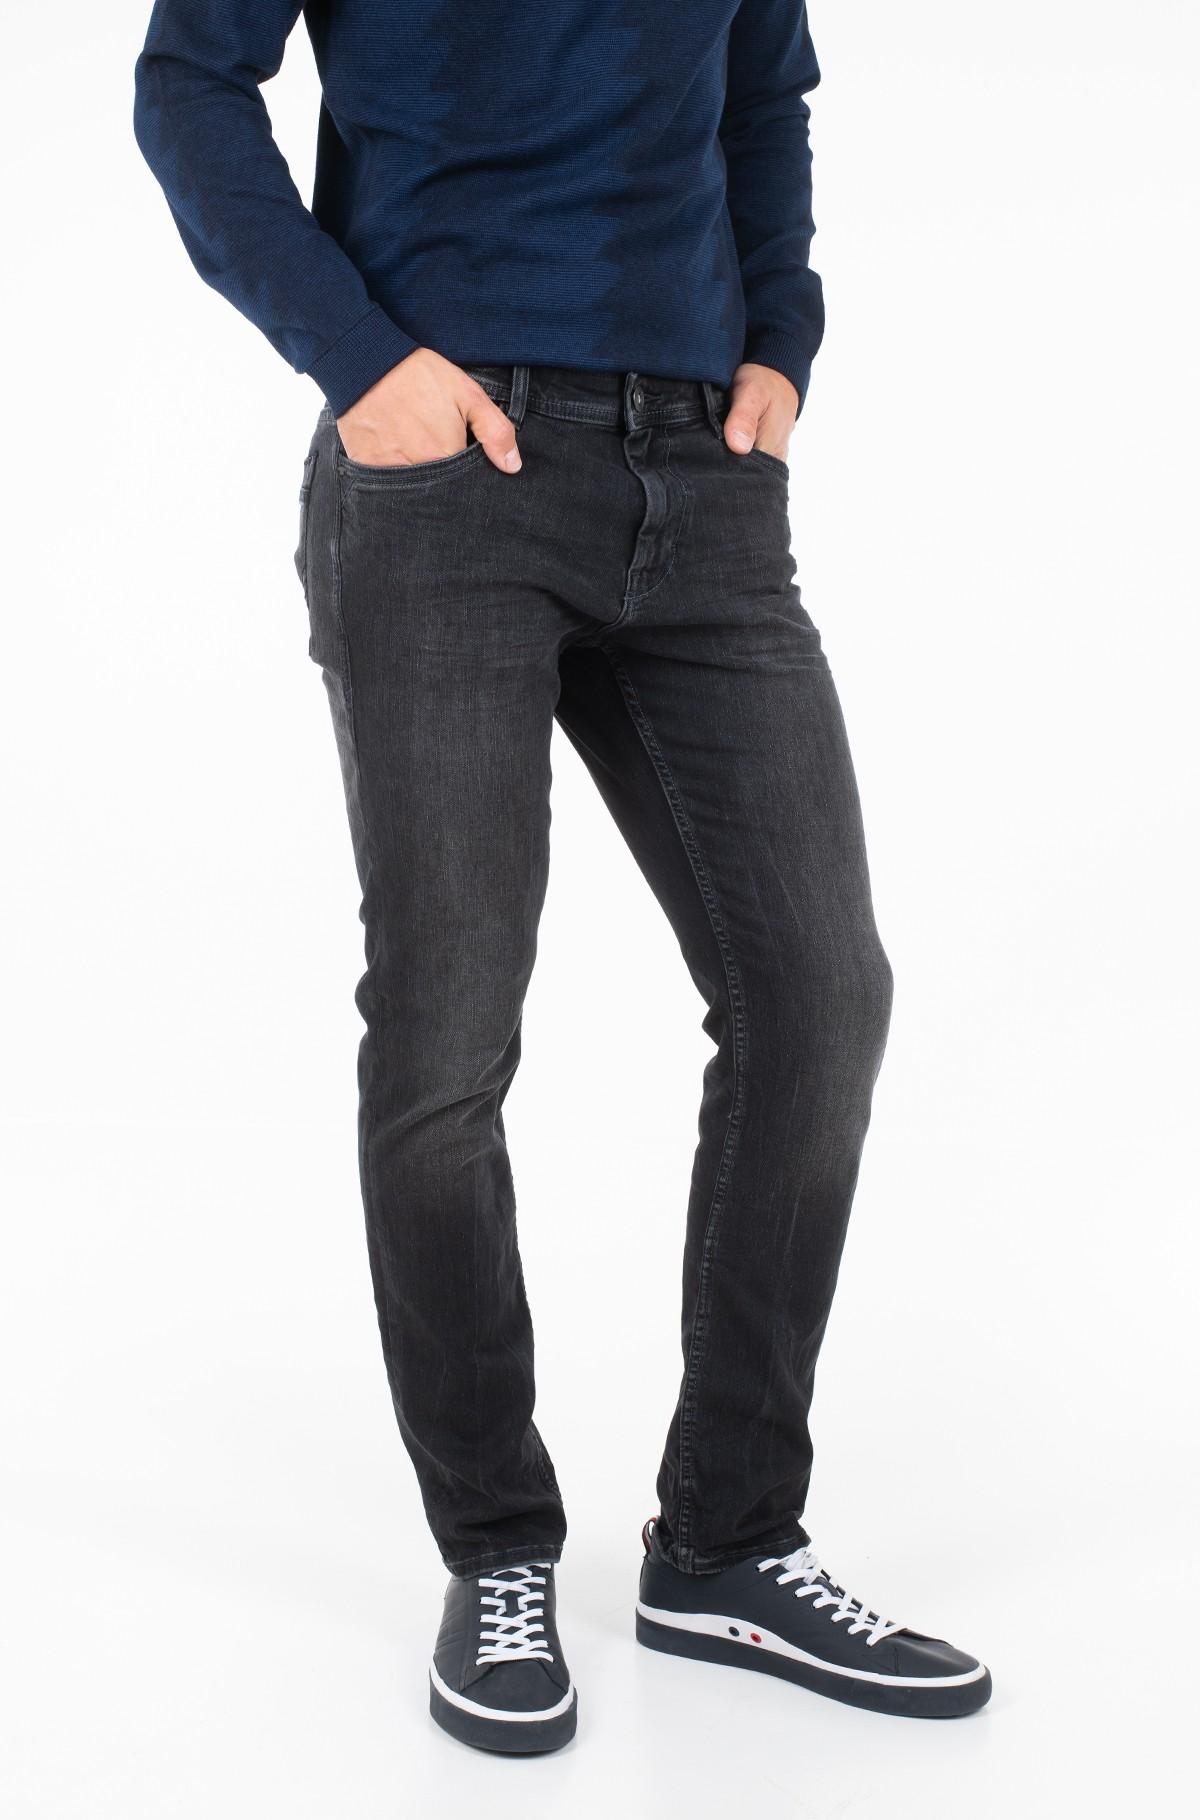 Jeans 1015427-full-1